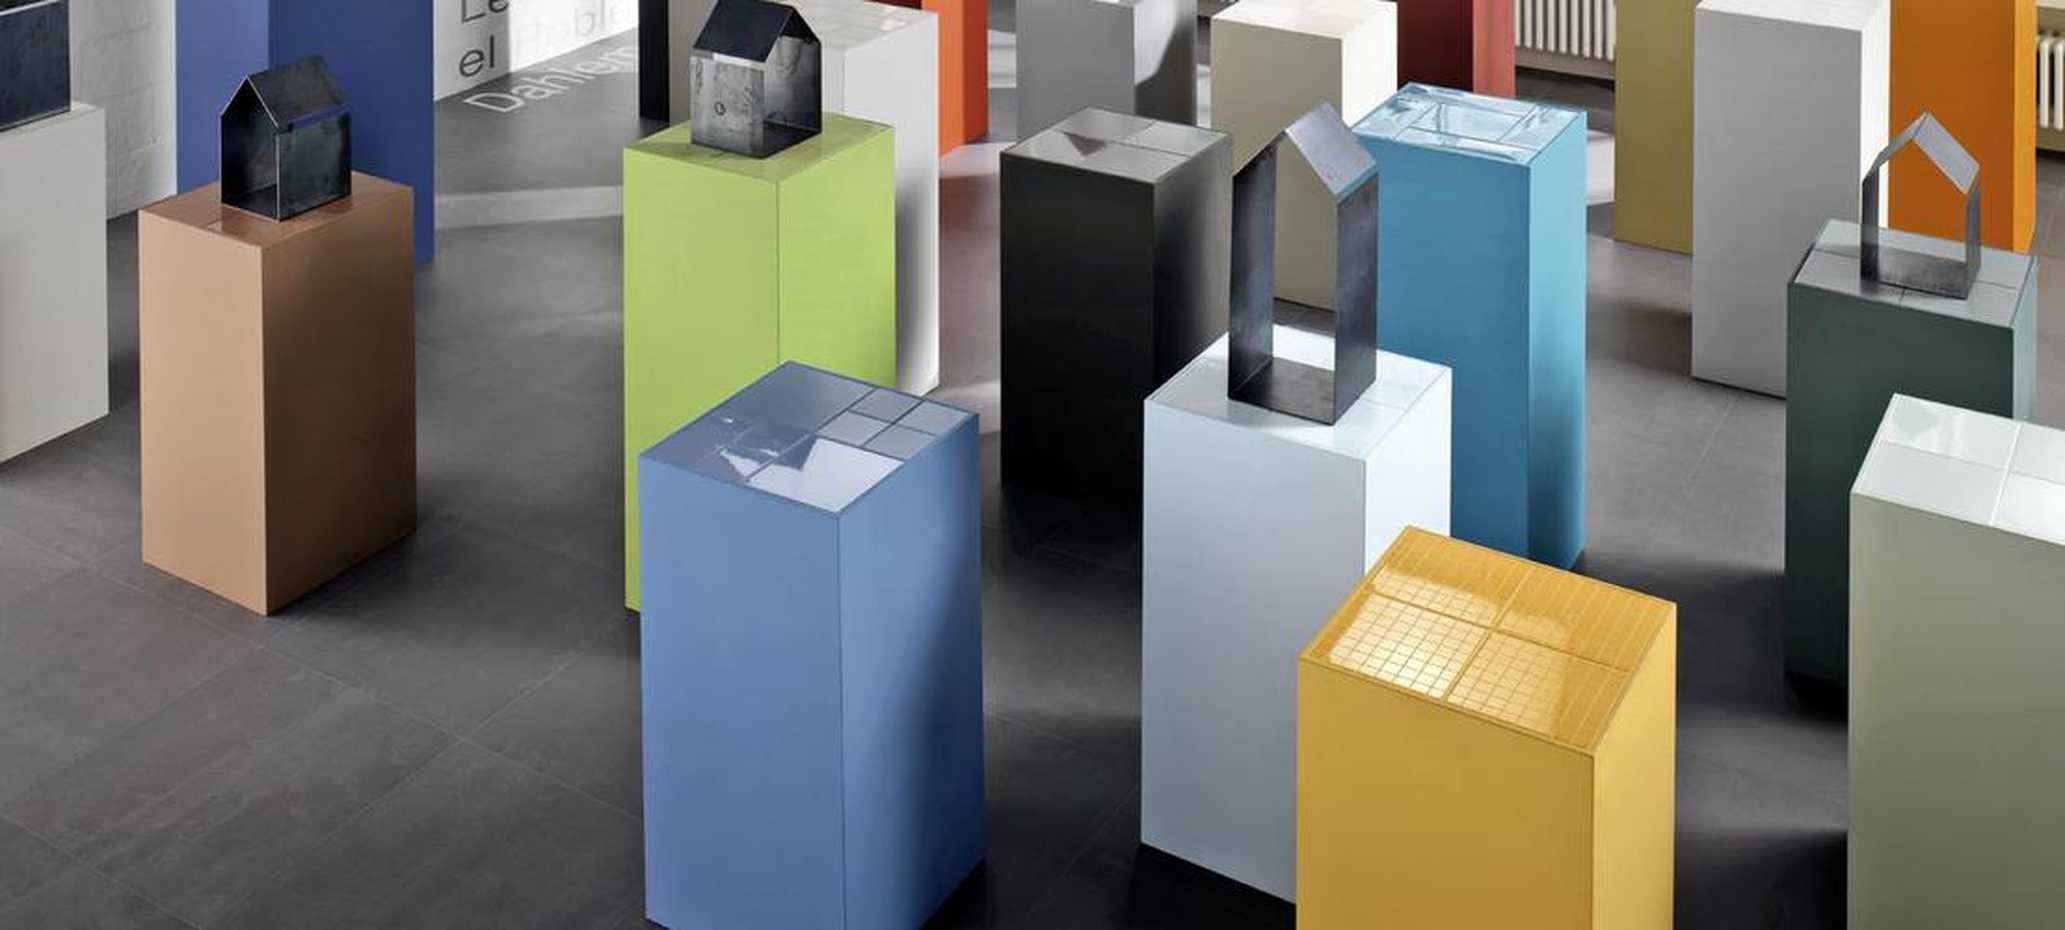 Sistem C - Architettura by Marazzi product image 1